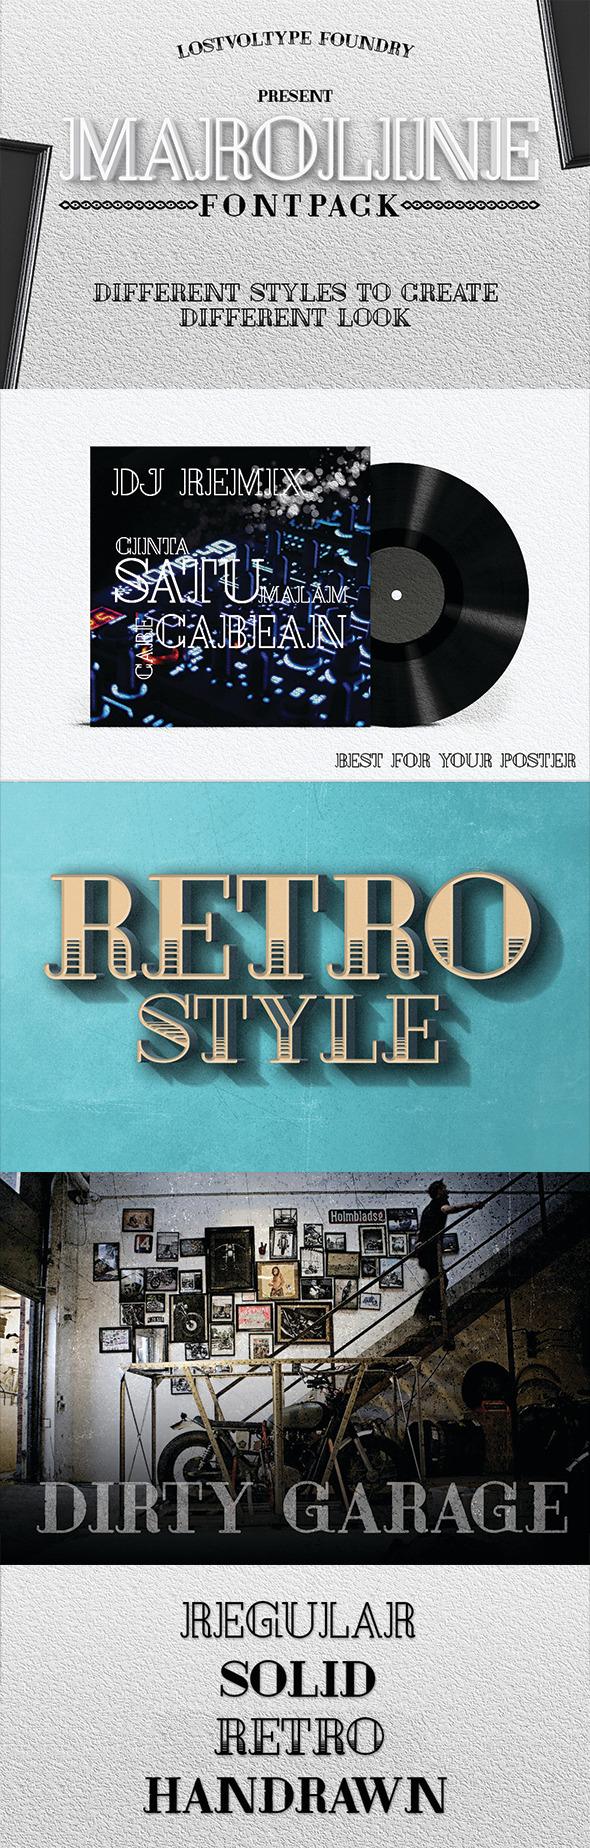 GraphicRiver Maroline Fontpack 10486033